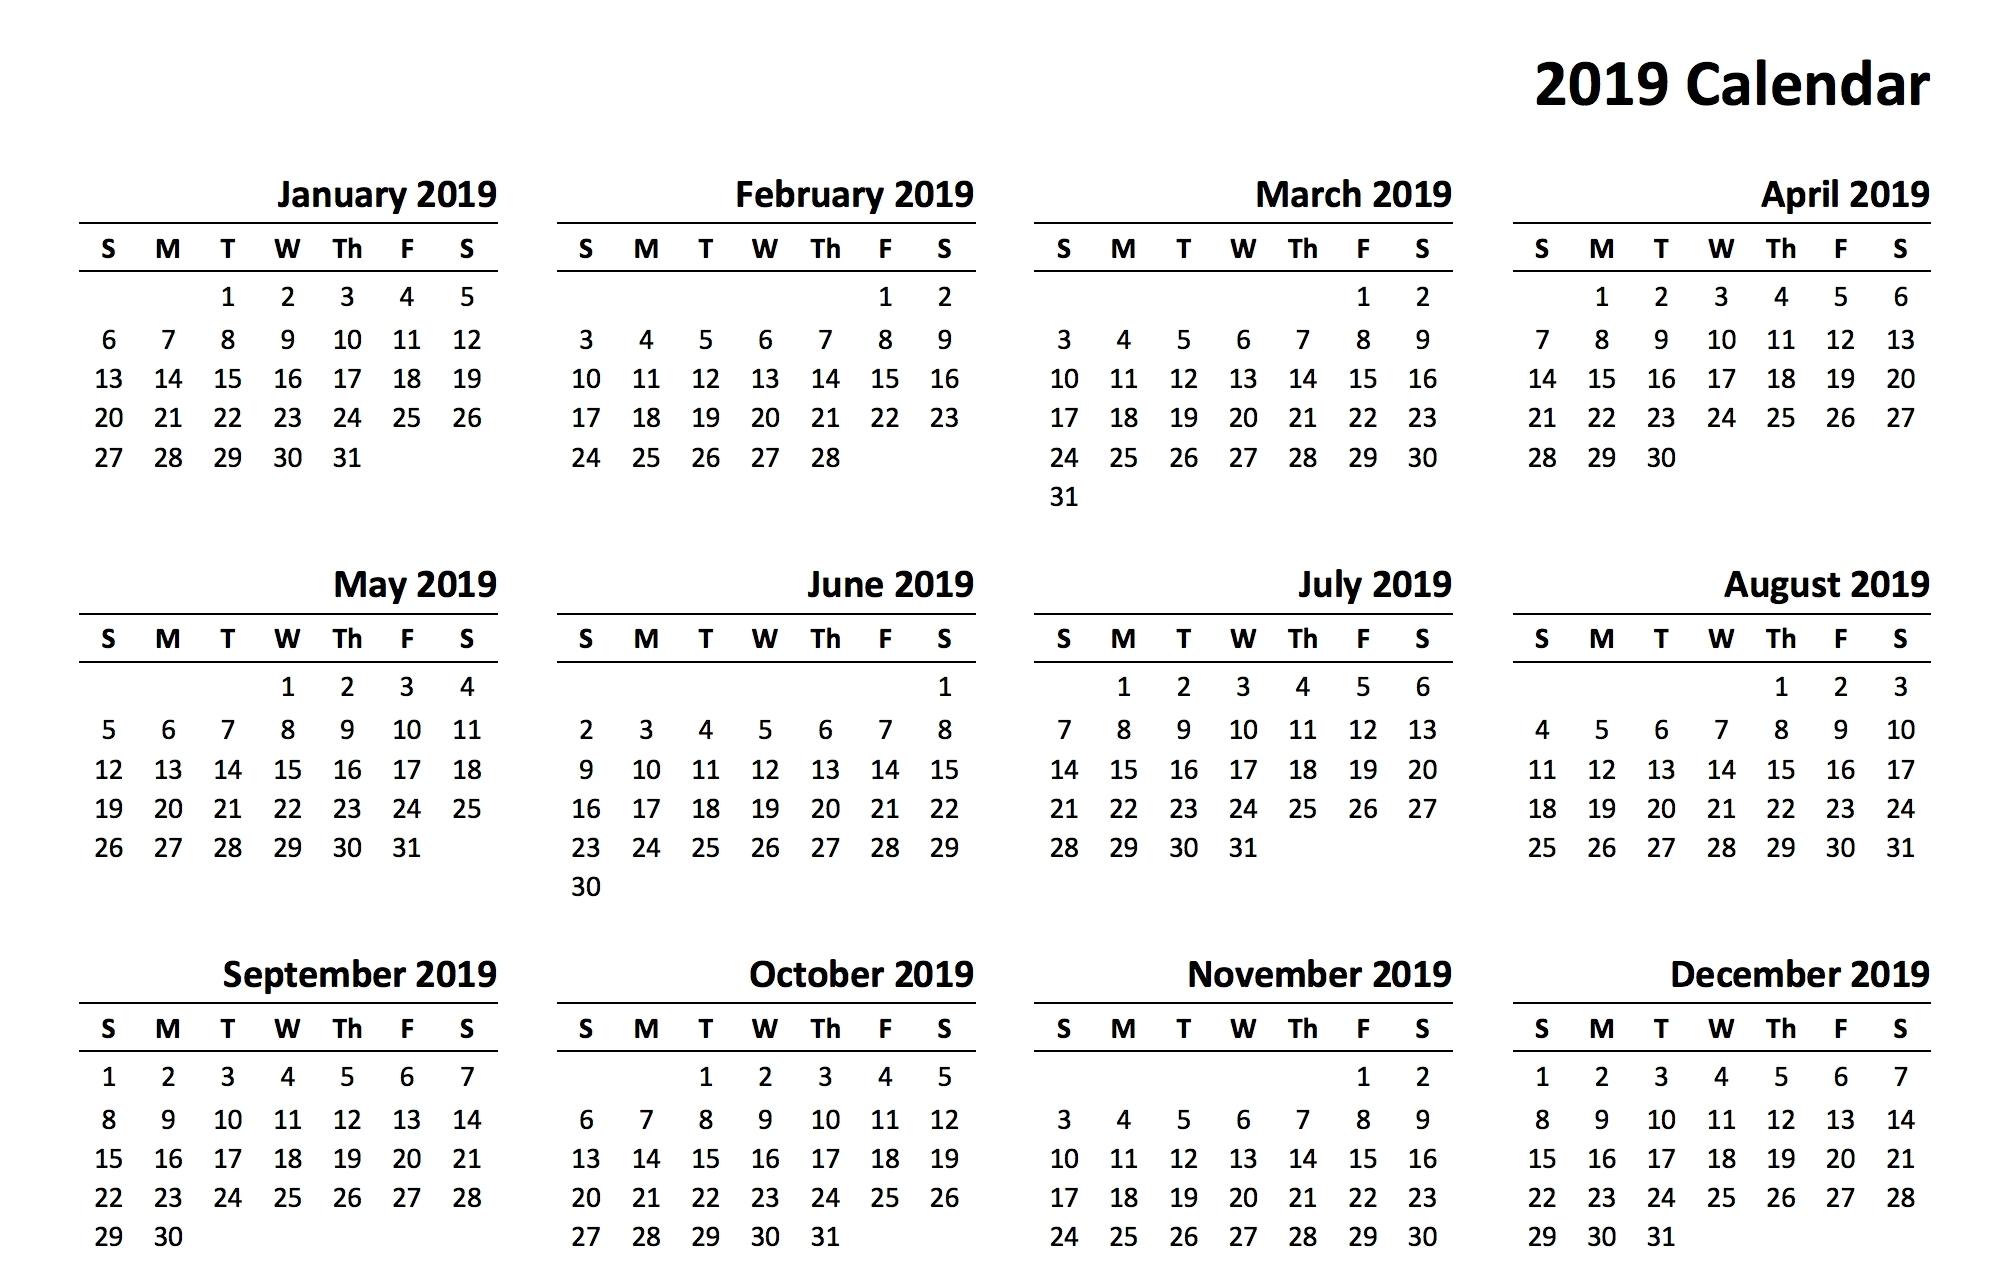 Calendar 2019 Printing Online • Printable Blank Calendar Template Online Calendar Printing With Photos